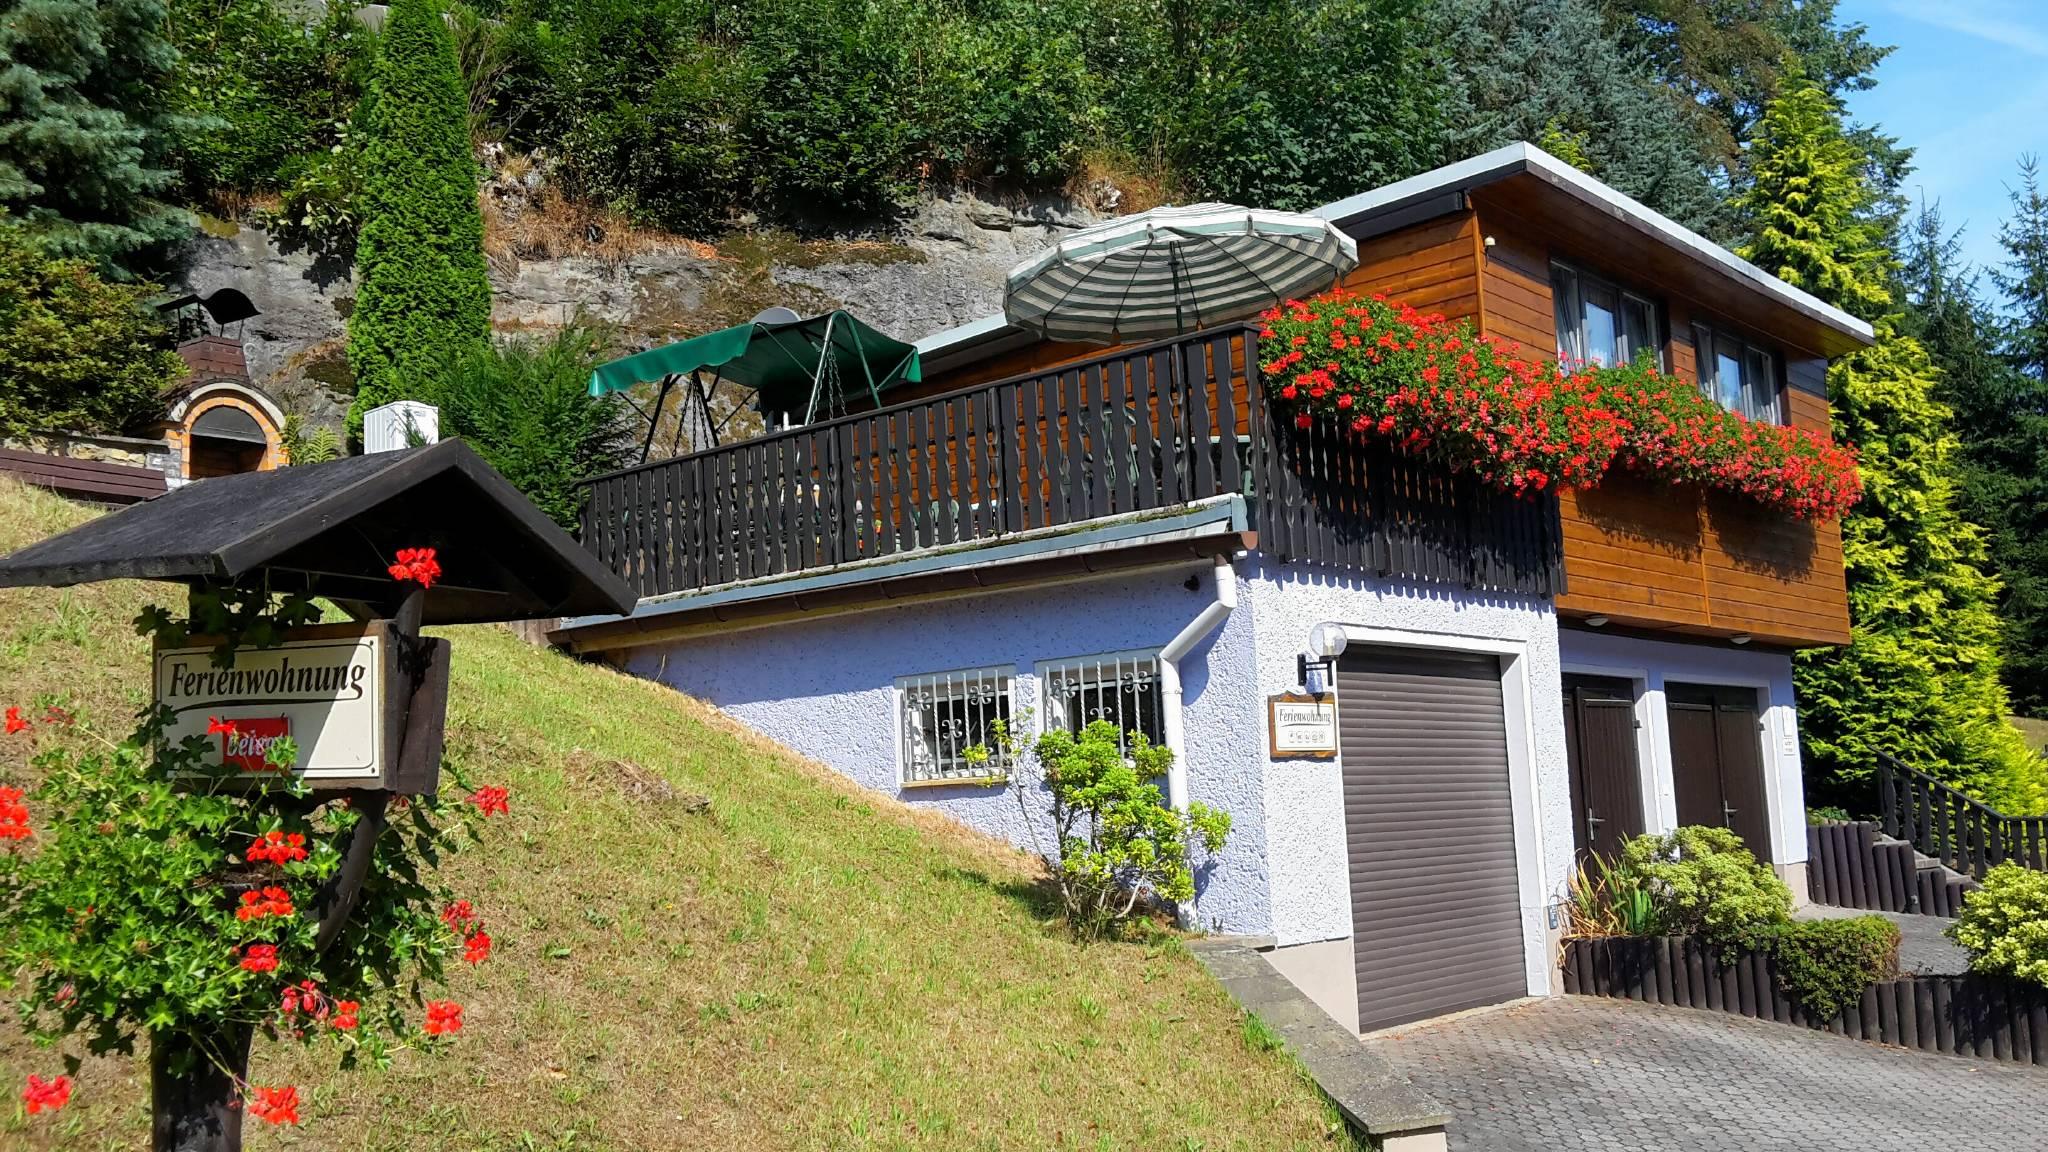 Ferienhaus mit Terrasse, Grill, Garage